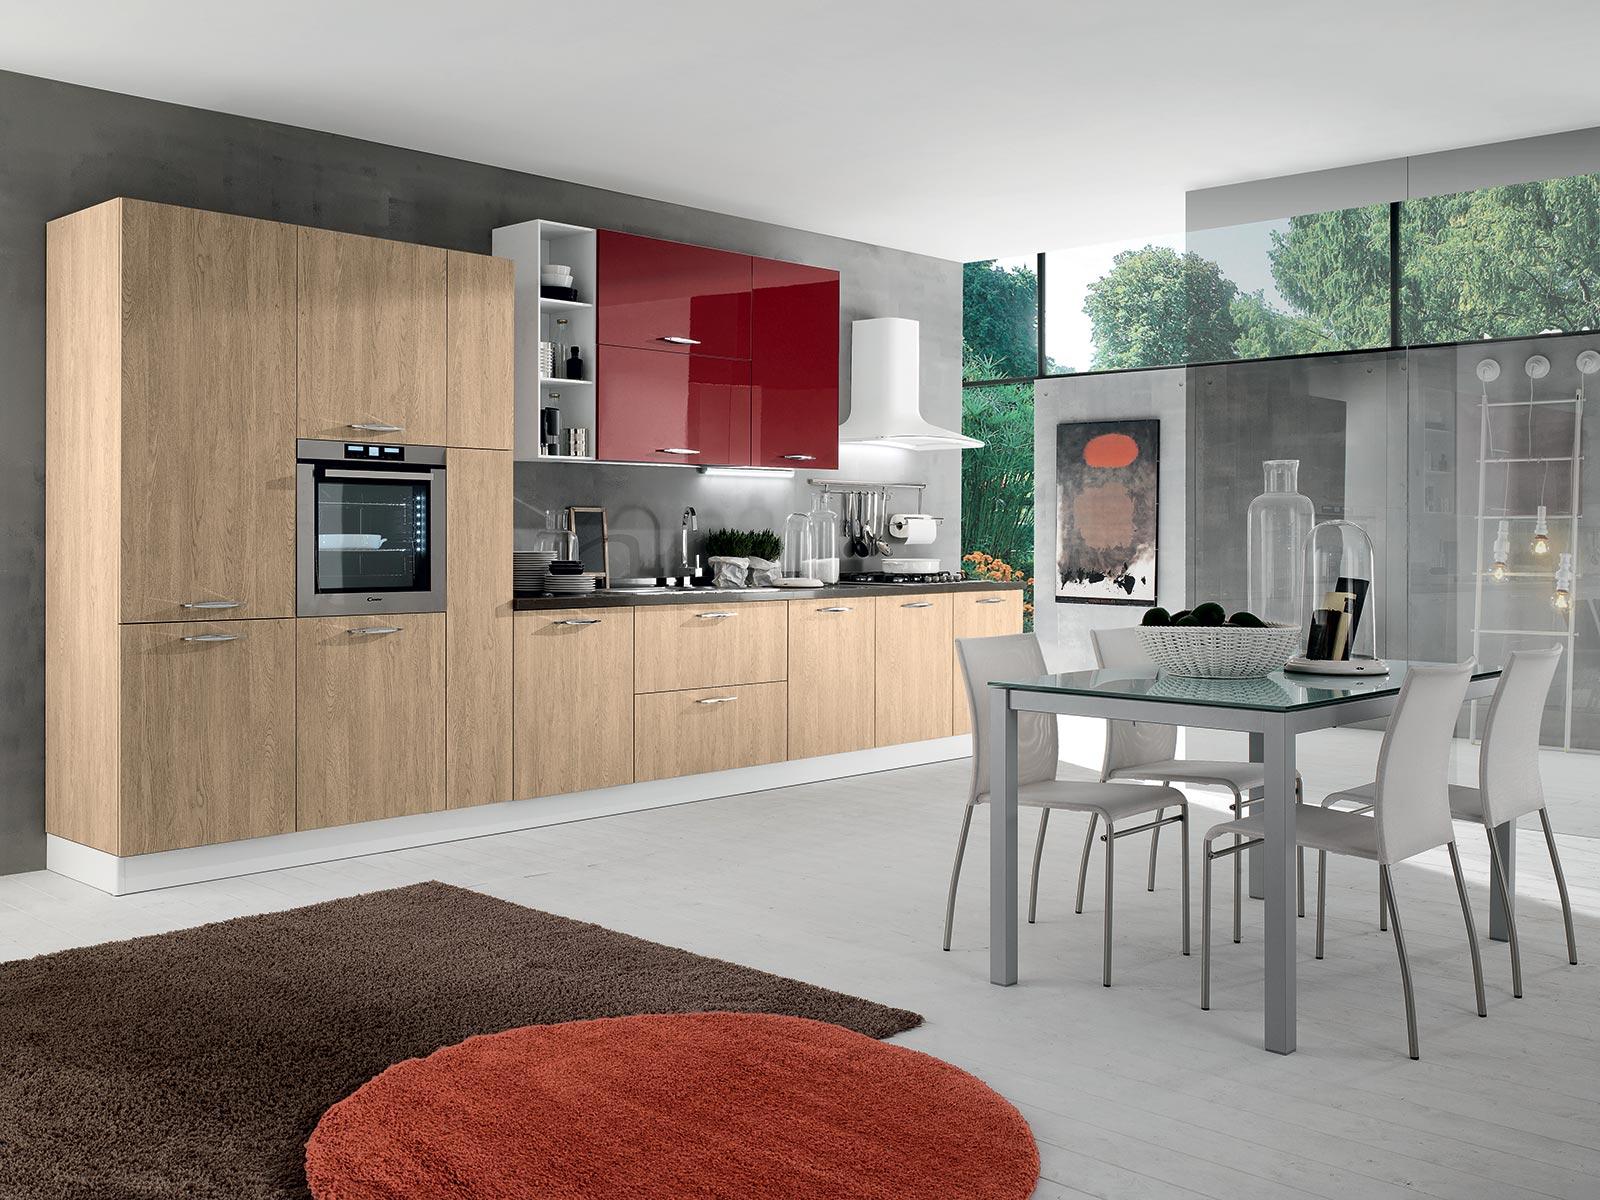 Disponibile in diverse colorazioni, oltre ai modelli, puoi personalizzare la cucina scegliendo due colori da combinare insieme, per uno stile unico ed originale senza rinunciare al comfort e all'utilità.